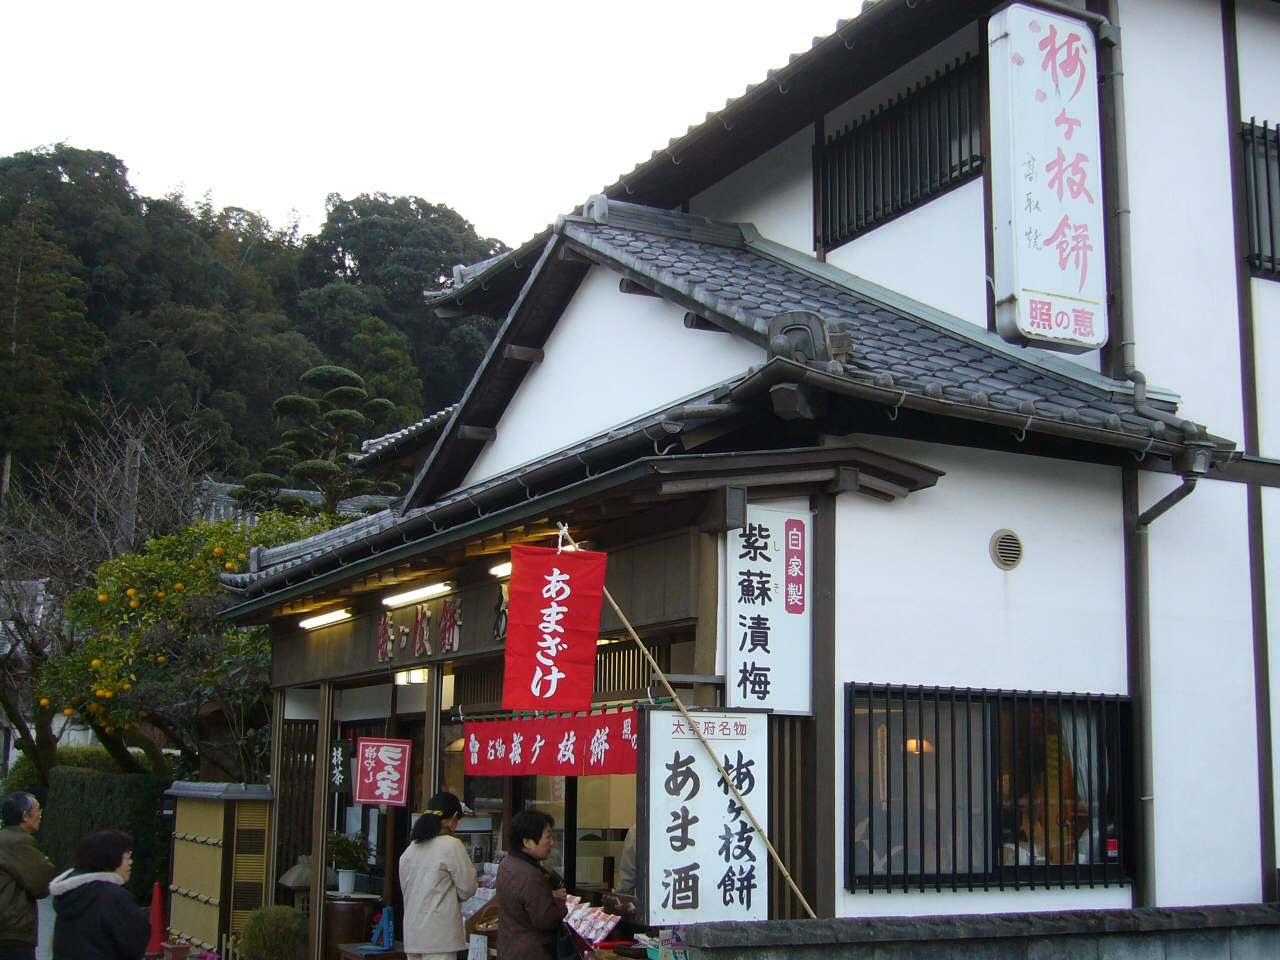 太宰府名物の梅が枝餅in『照の恵(てるのえ、と読むと思います)』オススメの店です。